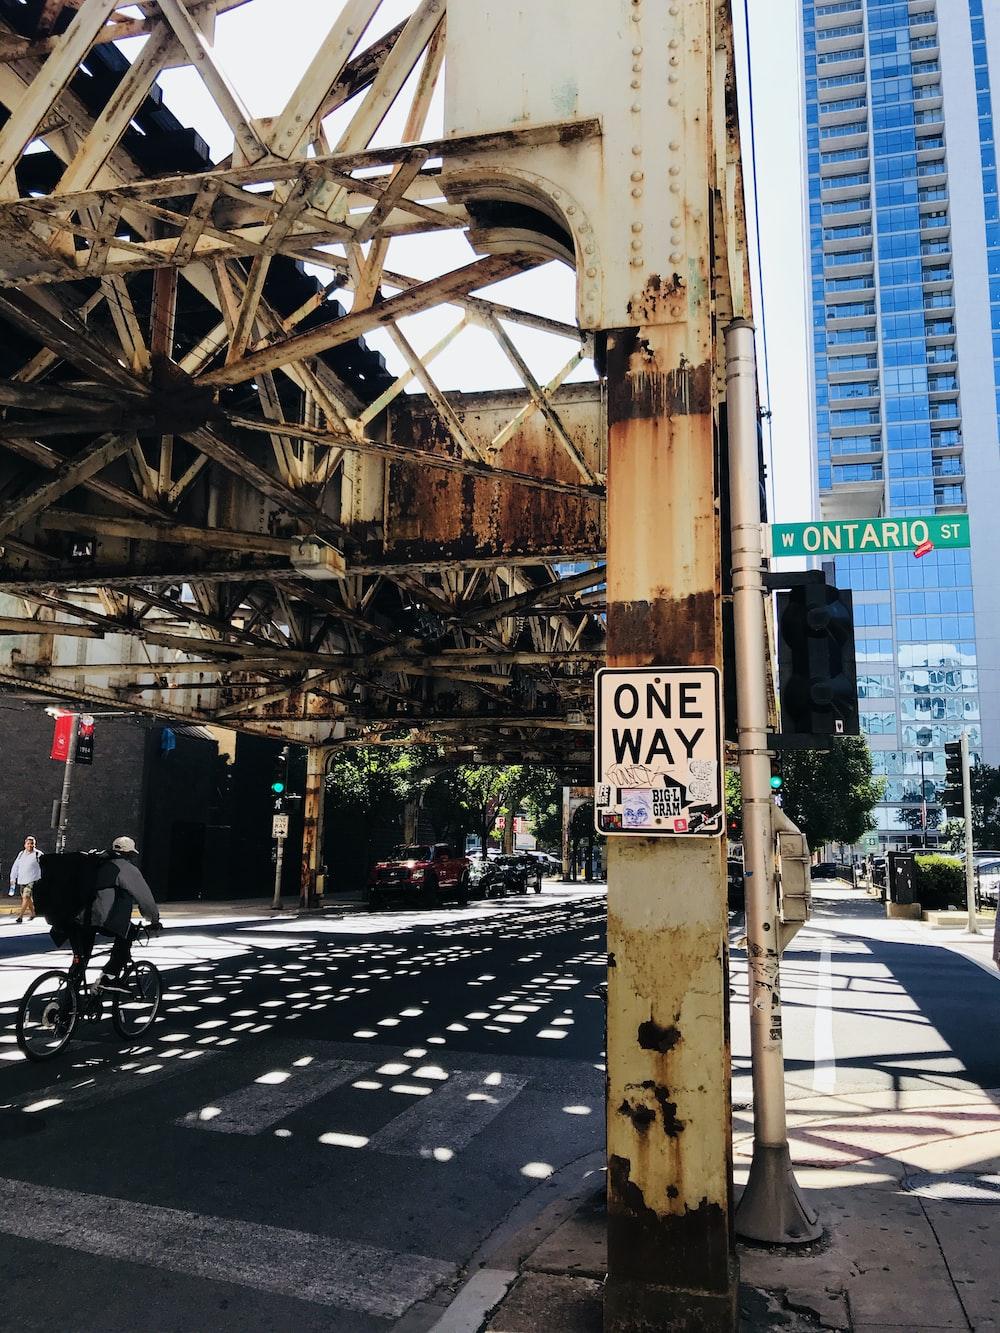 photo of one way road signage near Ontario St. signage